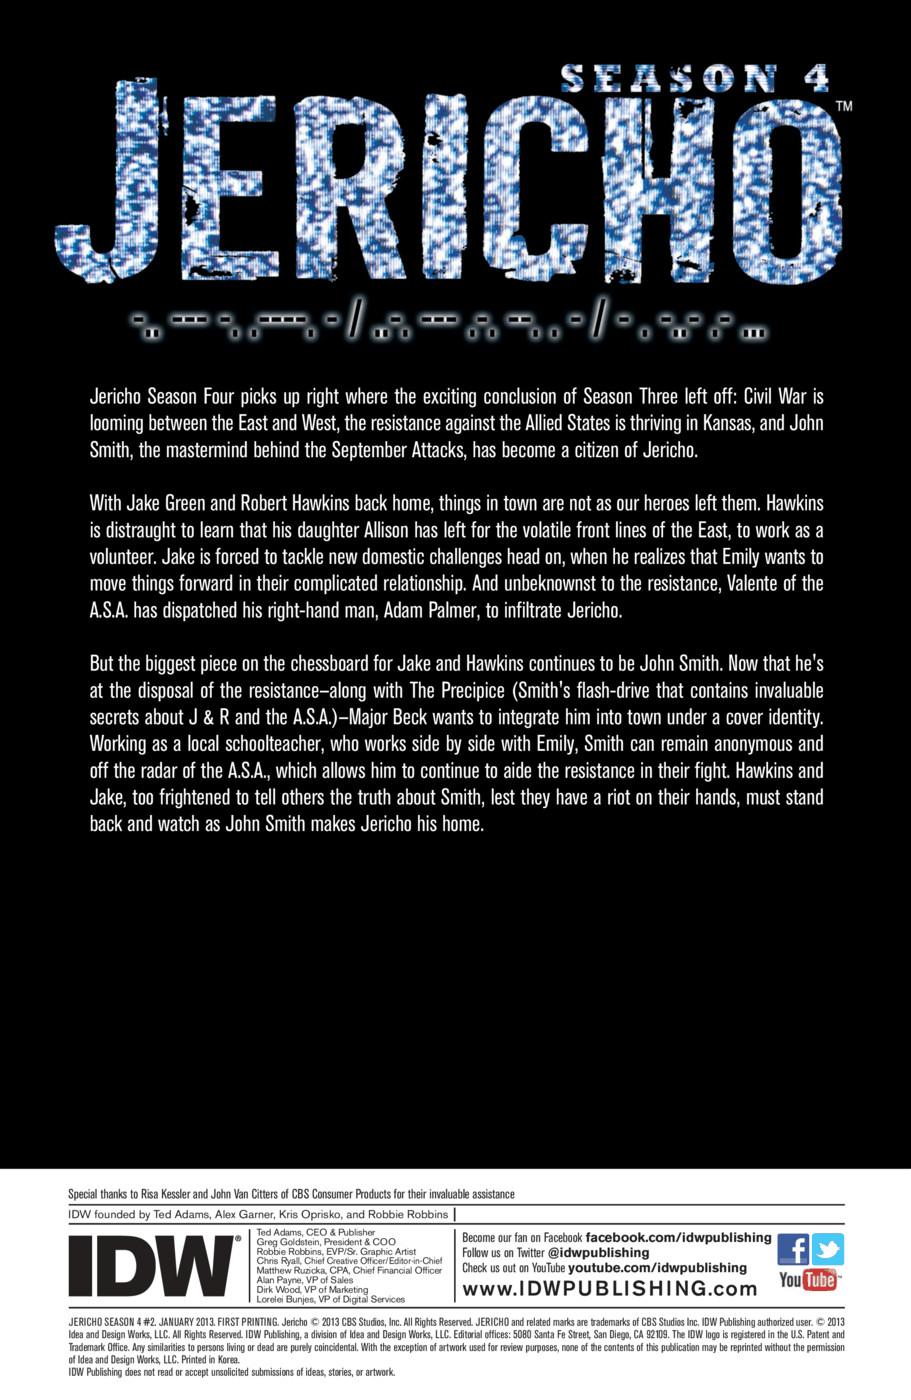 Read online Jericho Season 4 comic -  Issue #2 - 2